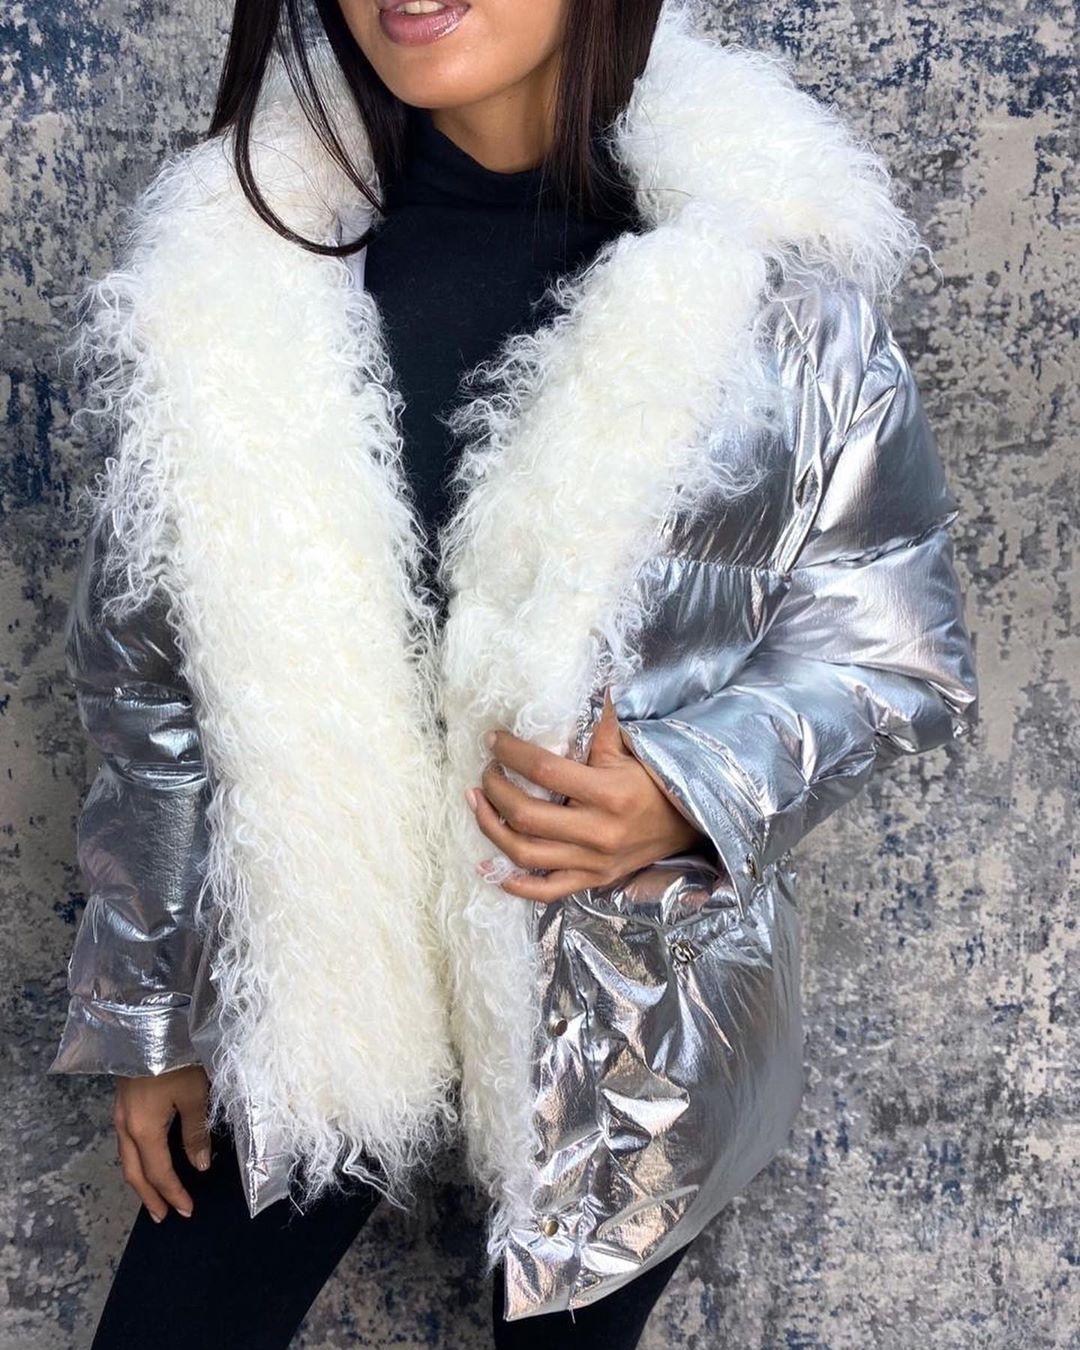 Top 4 Casacos De Inverno Para Mulheres 2020: Melhores Cores Para Casacos Para Mulheres